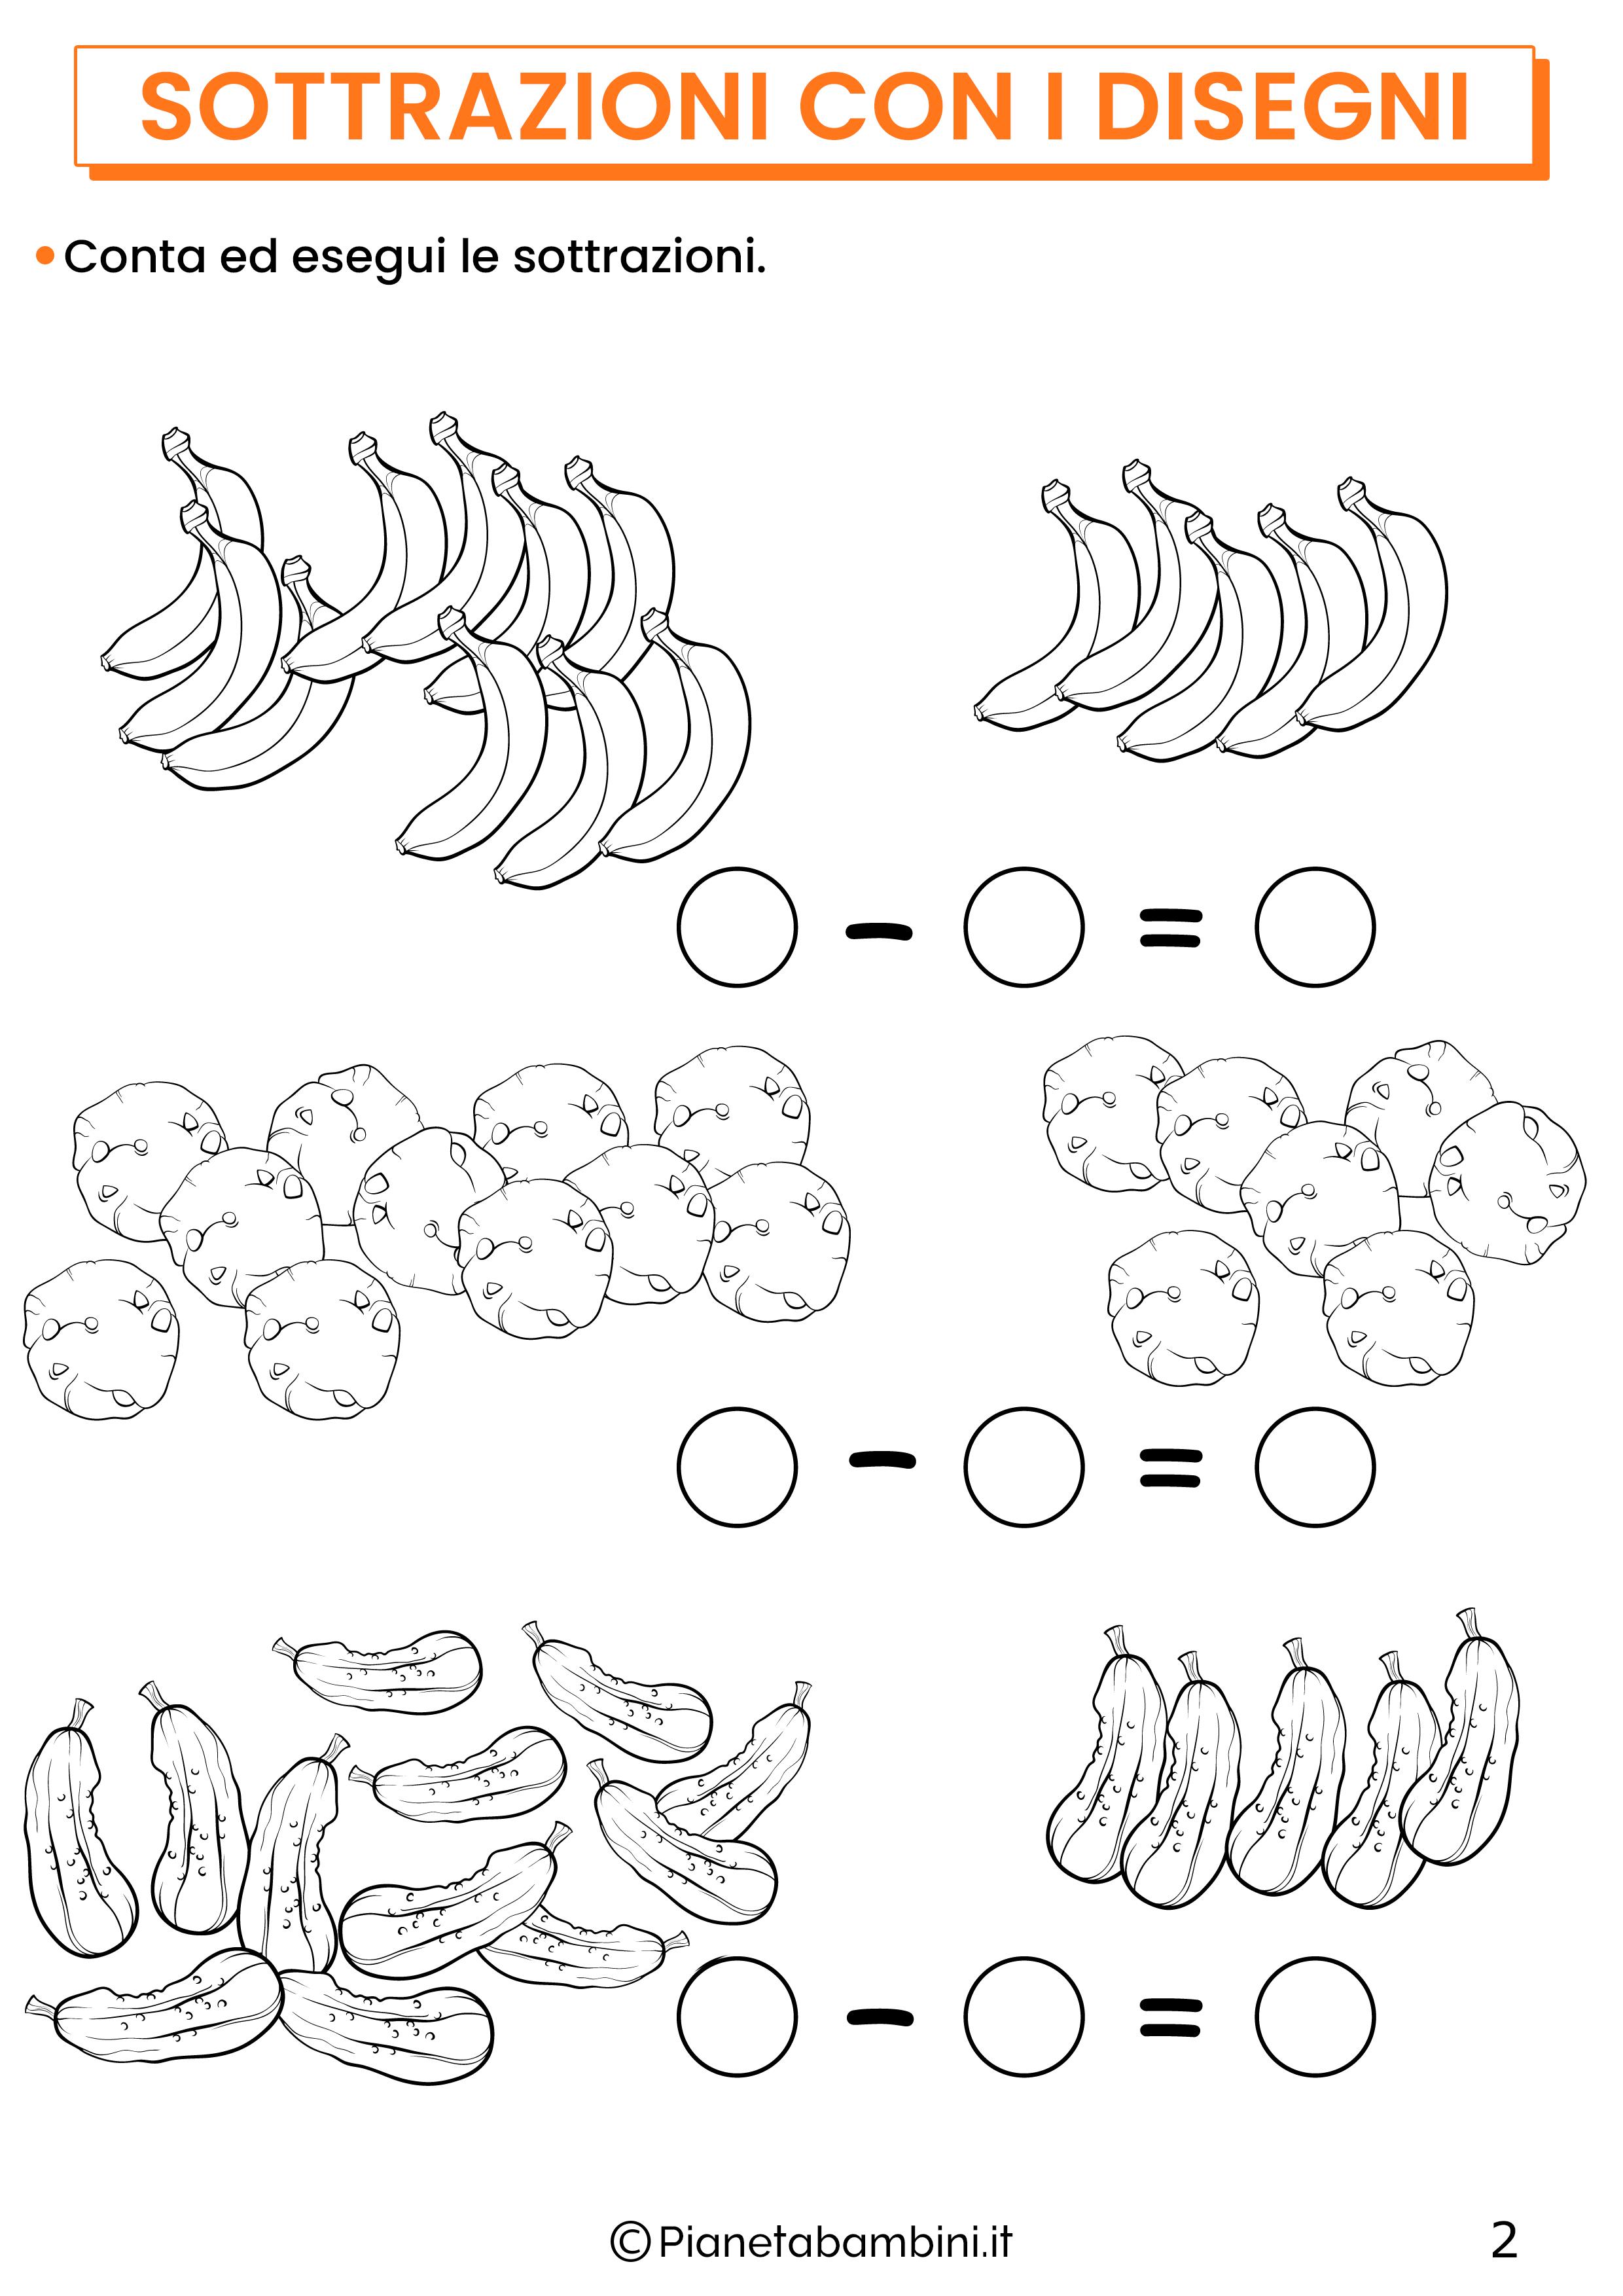 Sottrazioni con disegni per la classe prima pagina 2